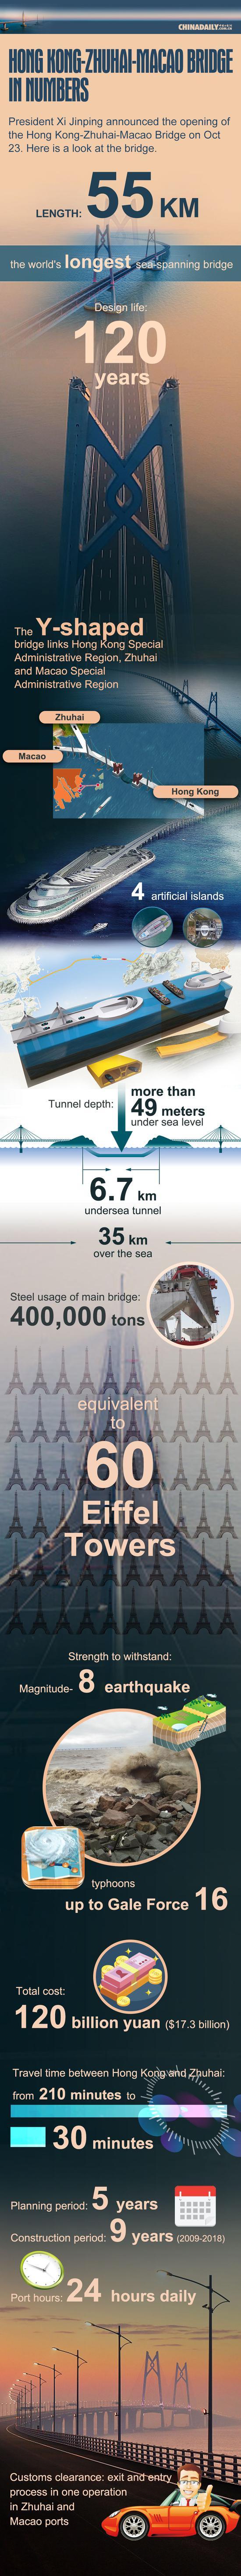 Hong Kong-Zhuhai-Macao Bridge in numbers